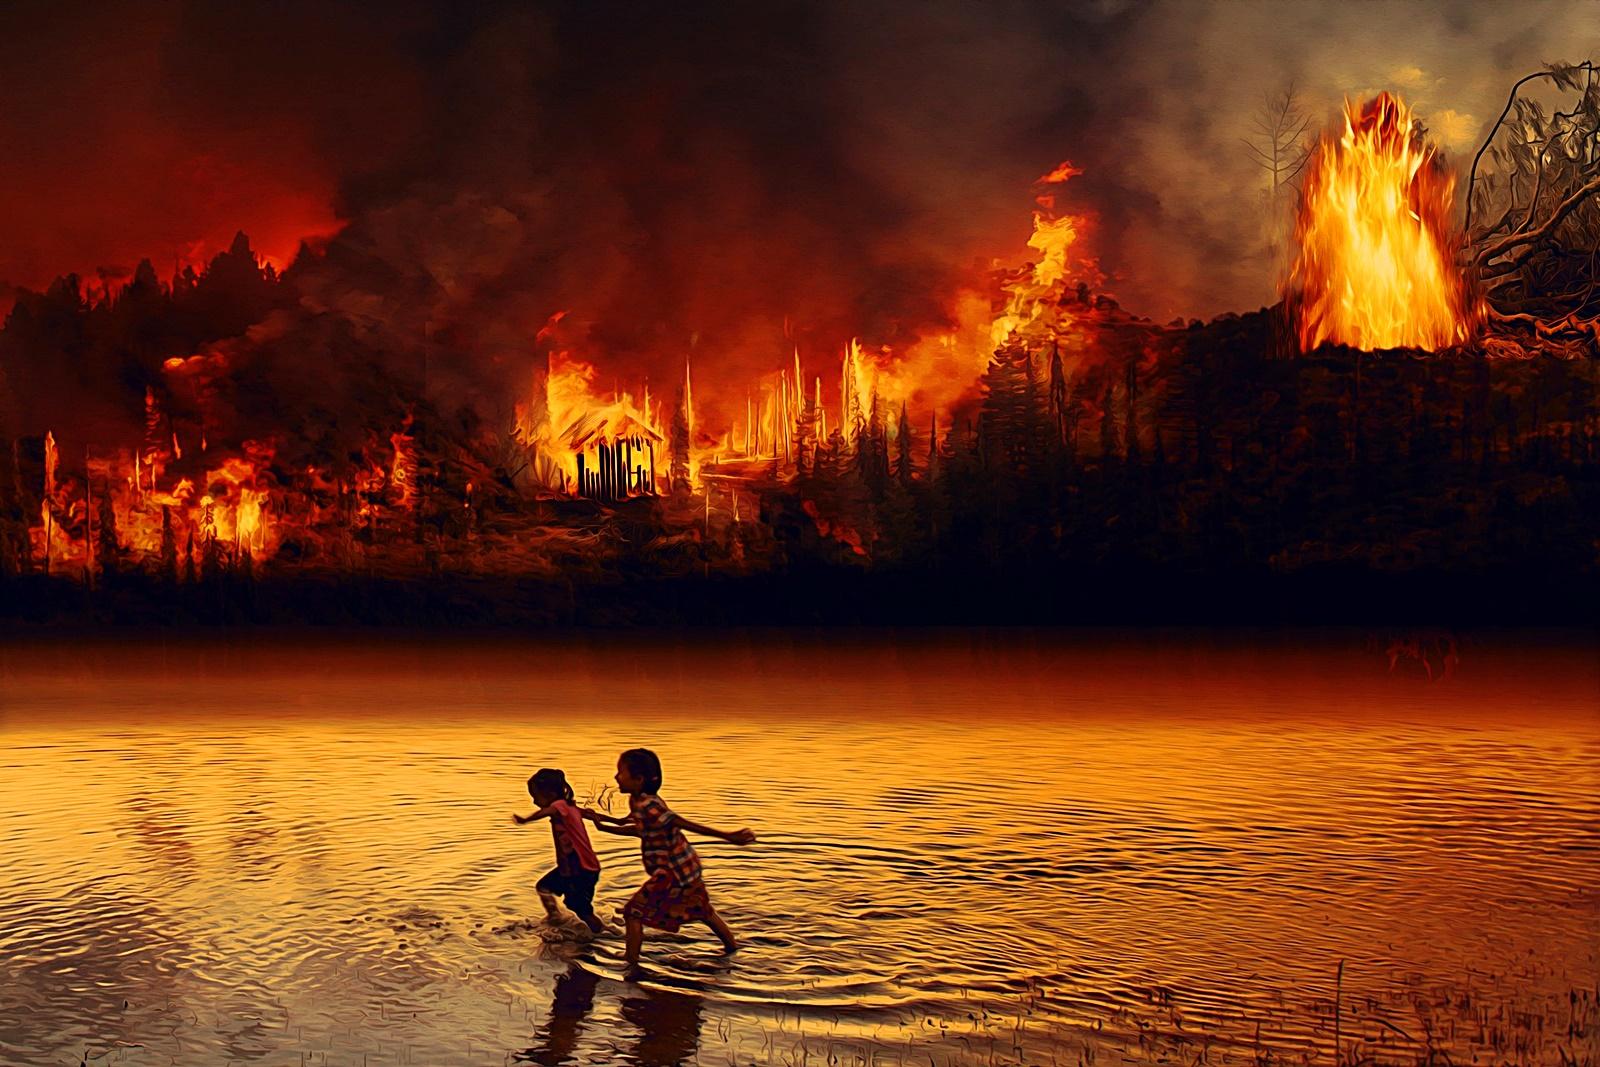 산불에 도망가는 아이들